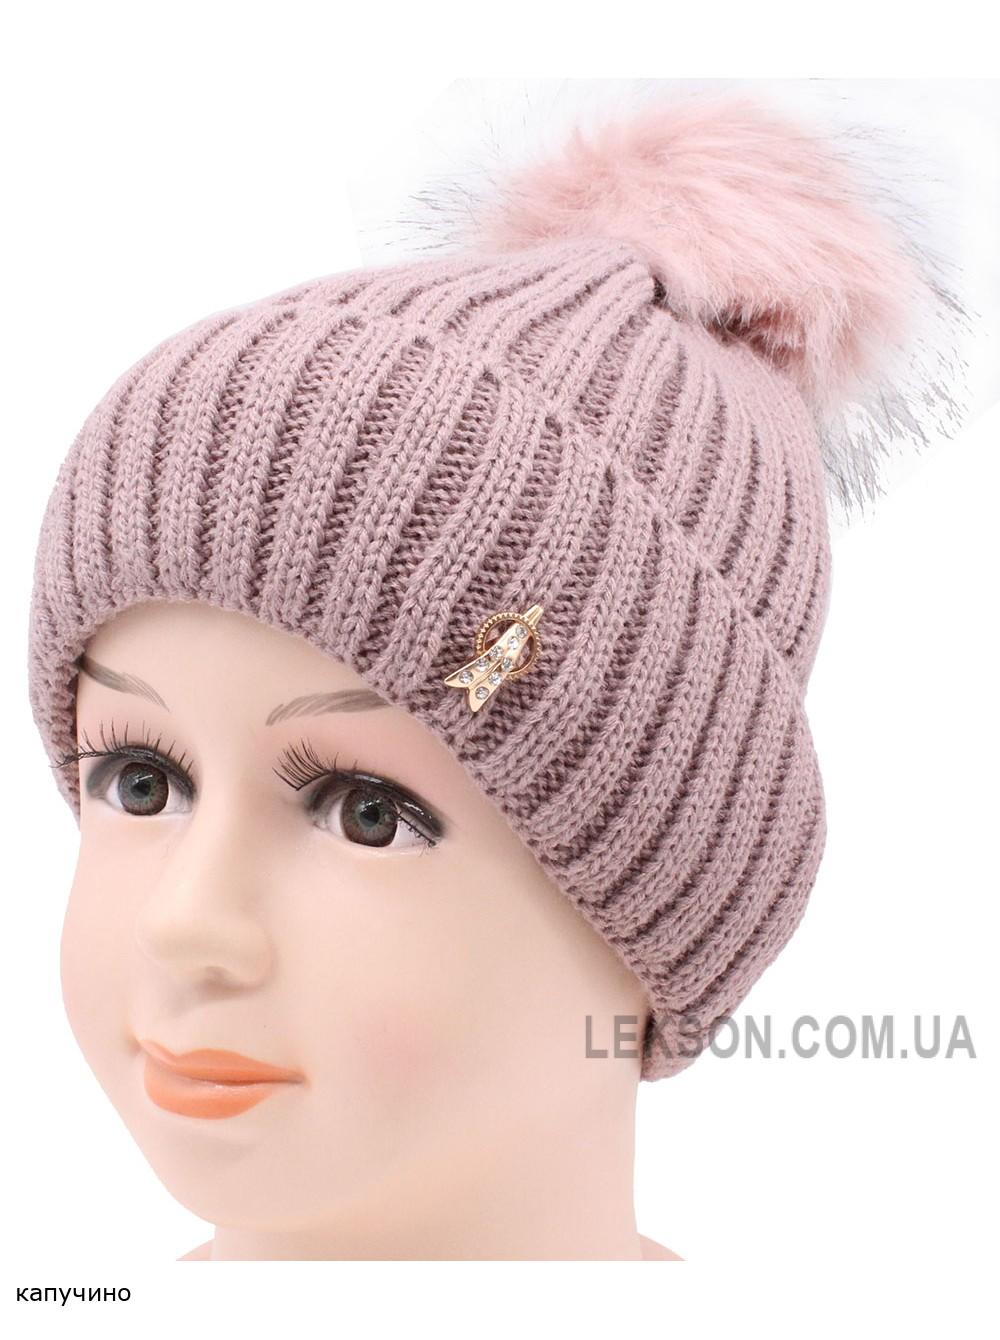 Детская вязаная шапка №24190-54-56